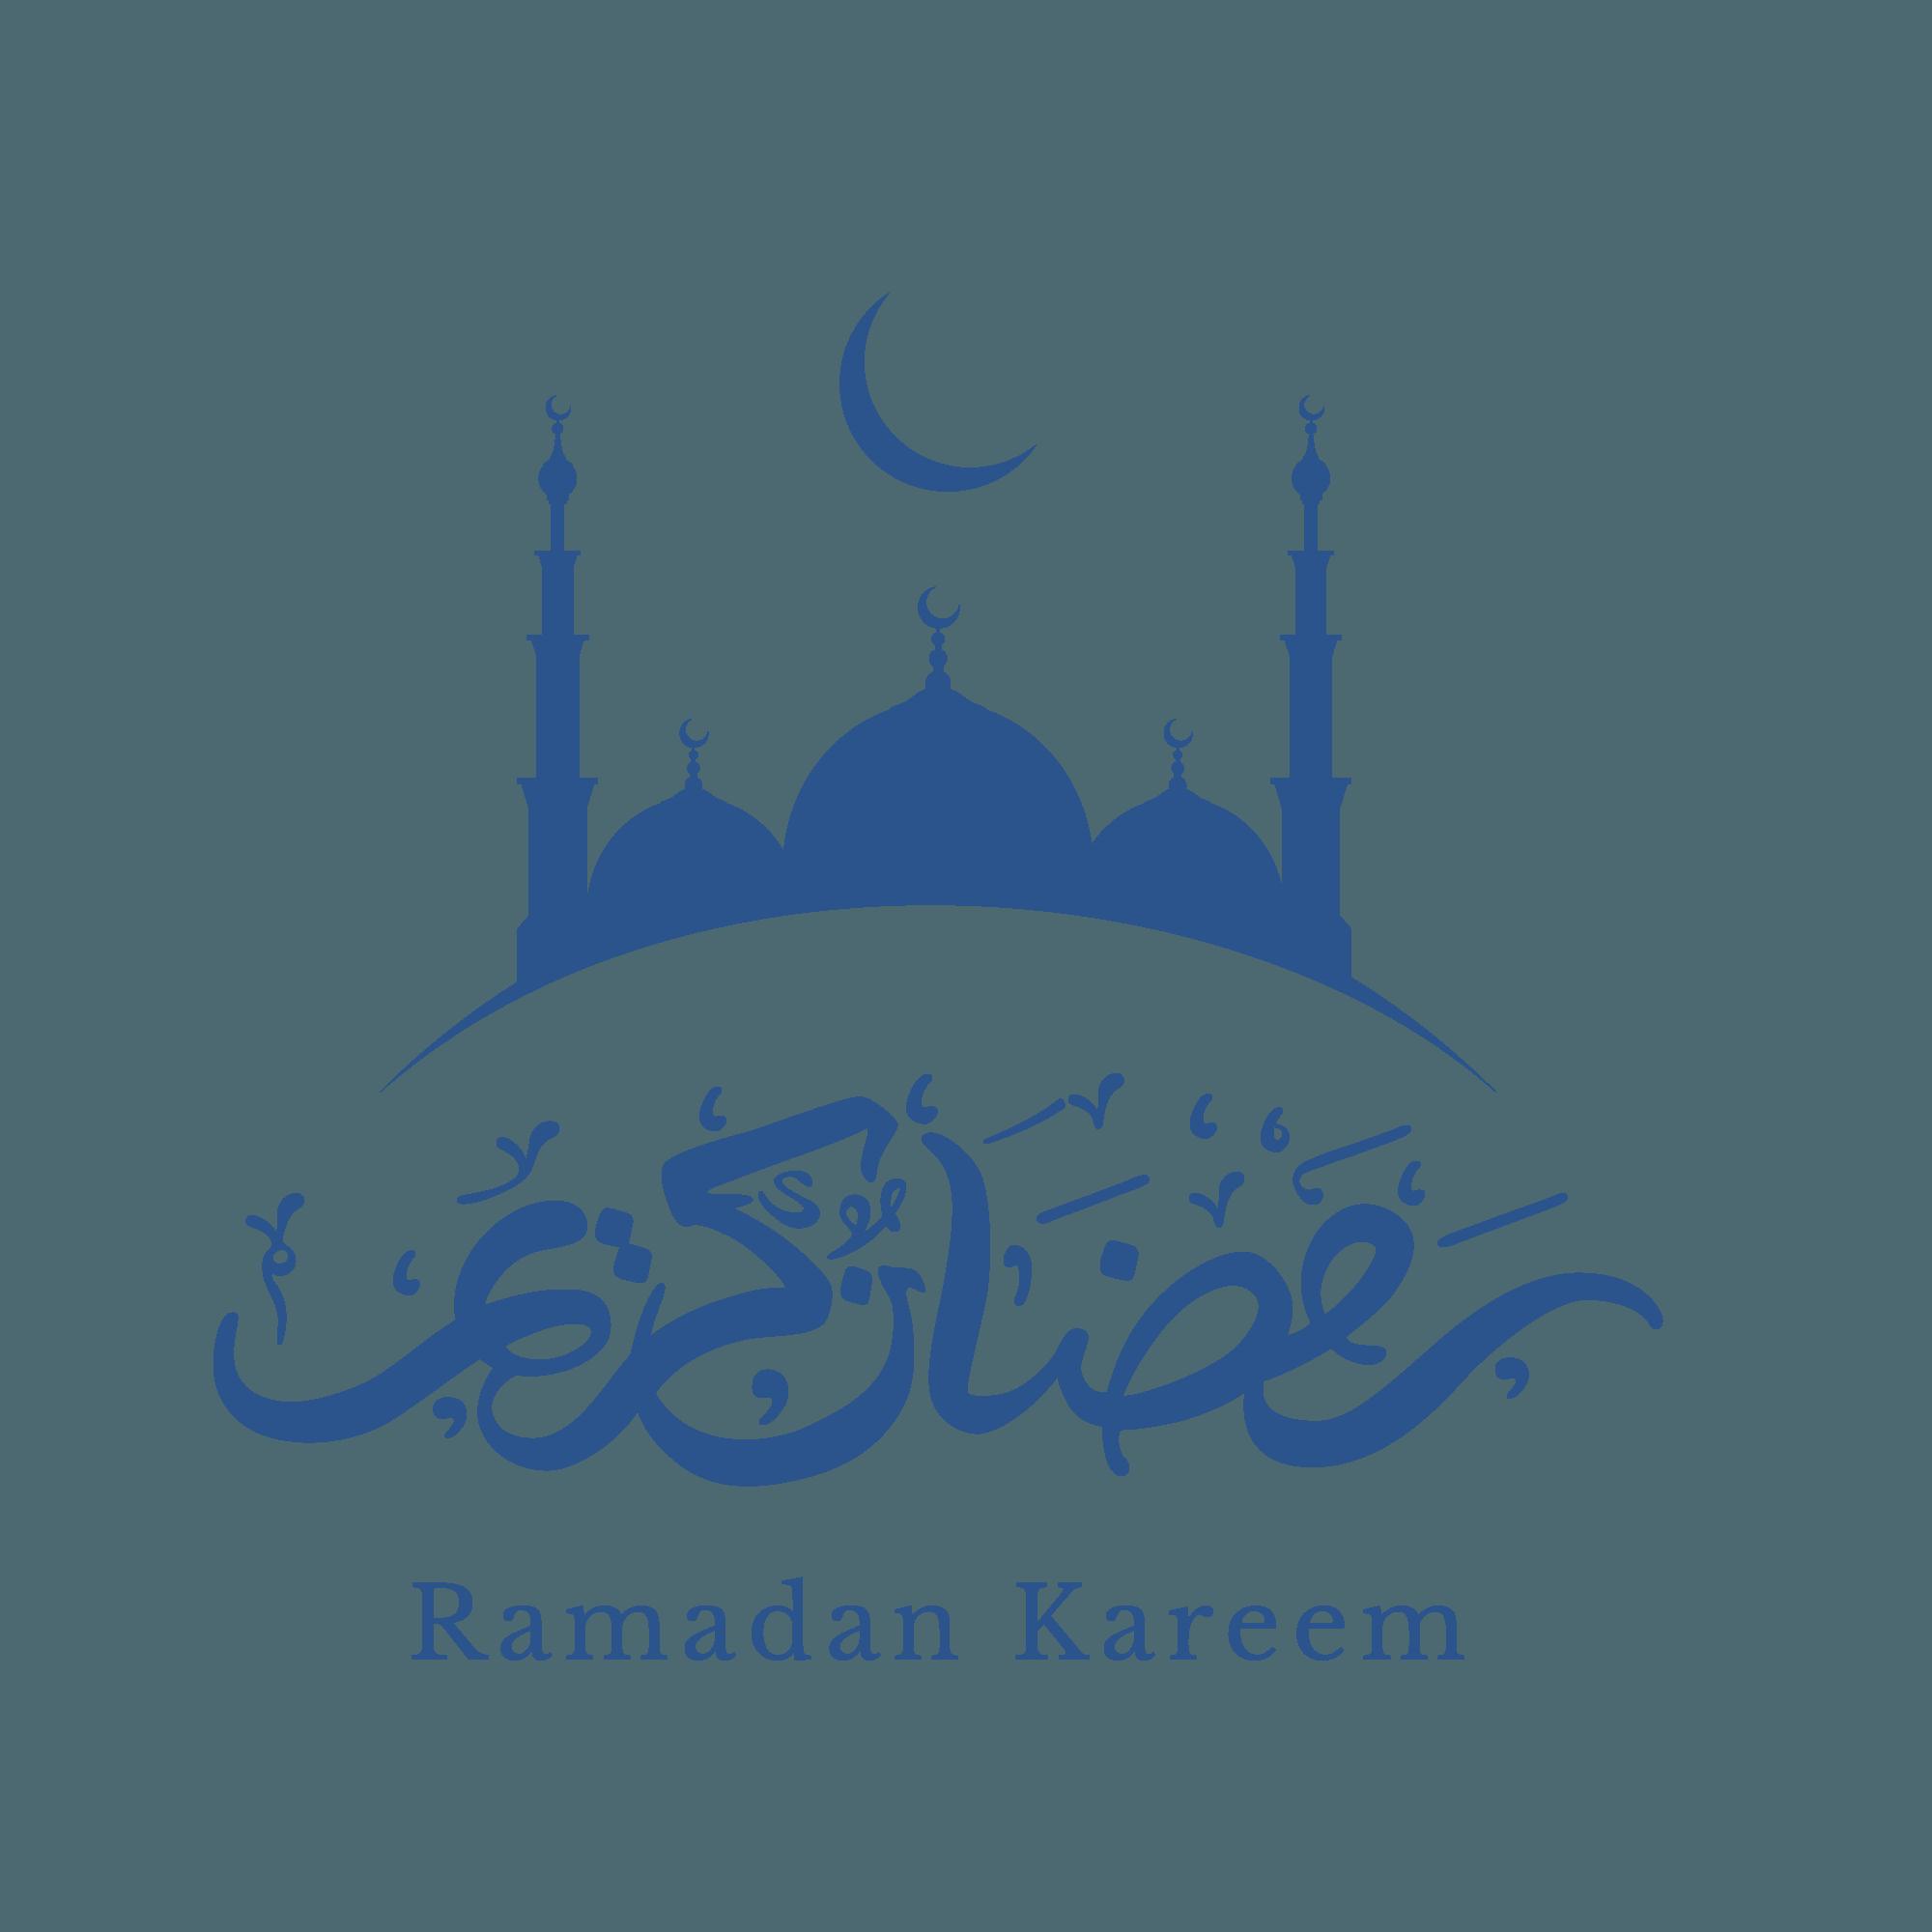 اكبر متجر الكتروني للانظمة الذكية و كاميرات مراقبة فى مصر شركة Seven Cameras Islam Ramadan Ramadan Ramadan Background